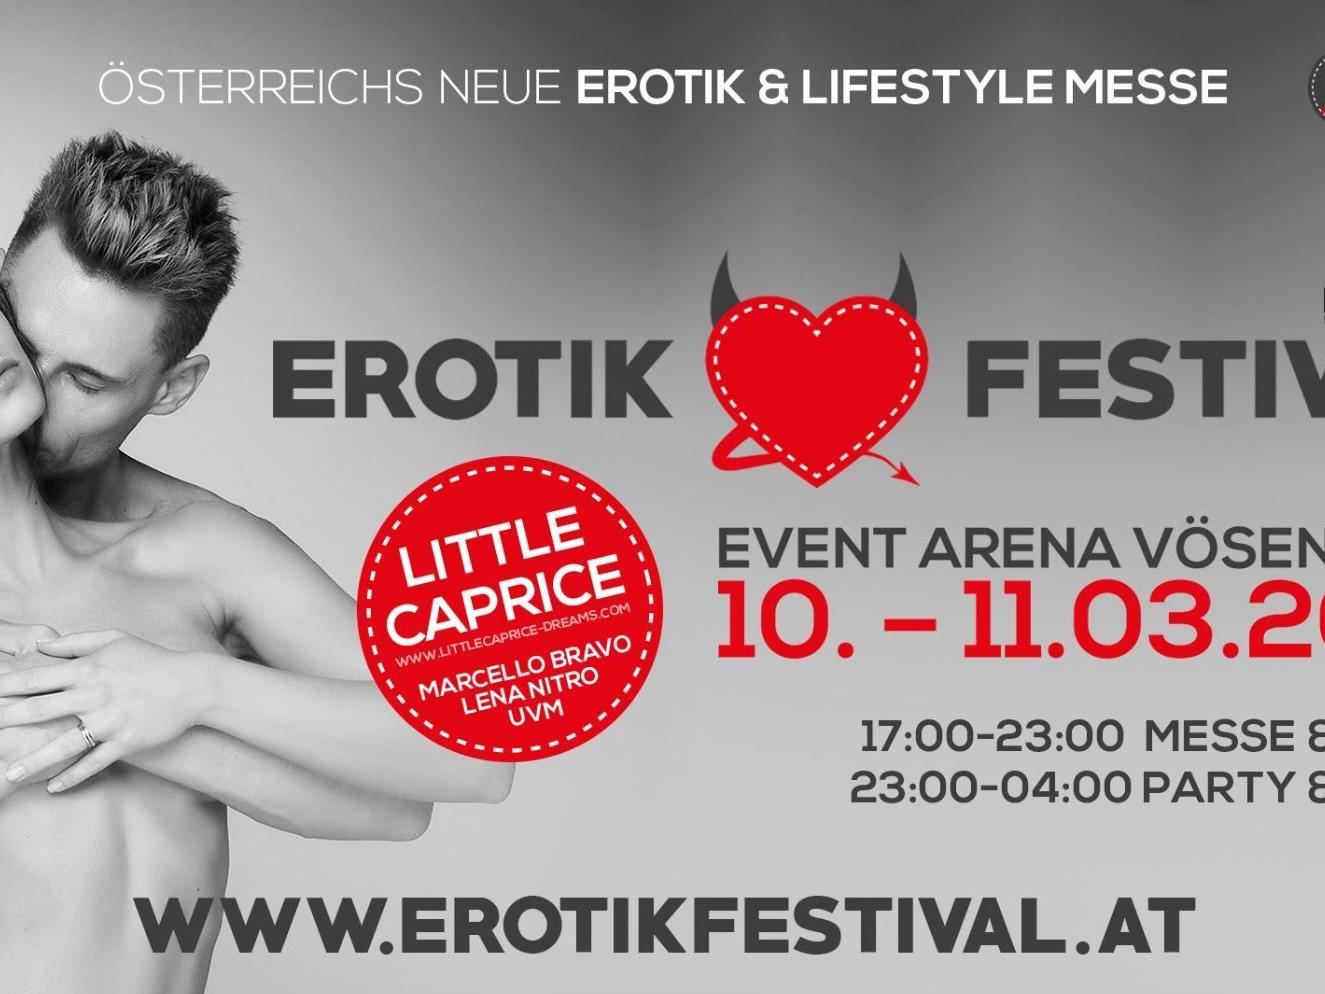 Das Erotik Festival 2017 in der Event Arena Vösendorf wurde abgesagt.